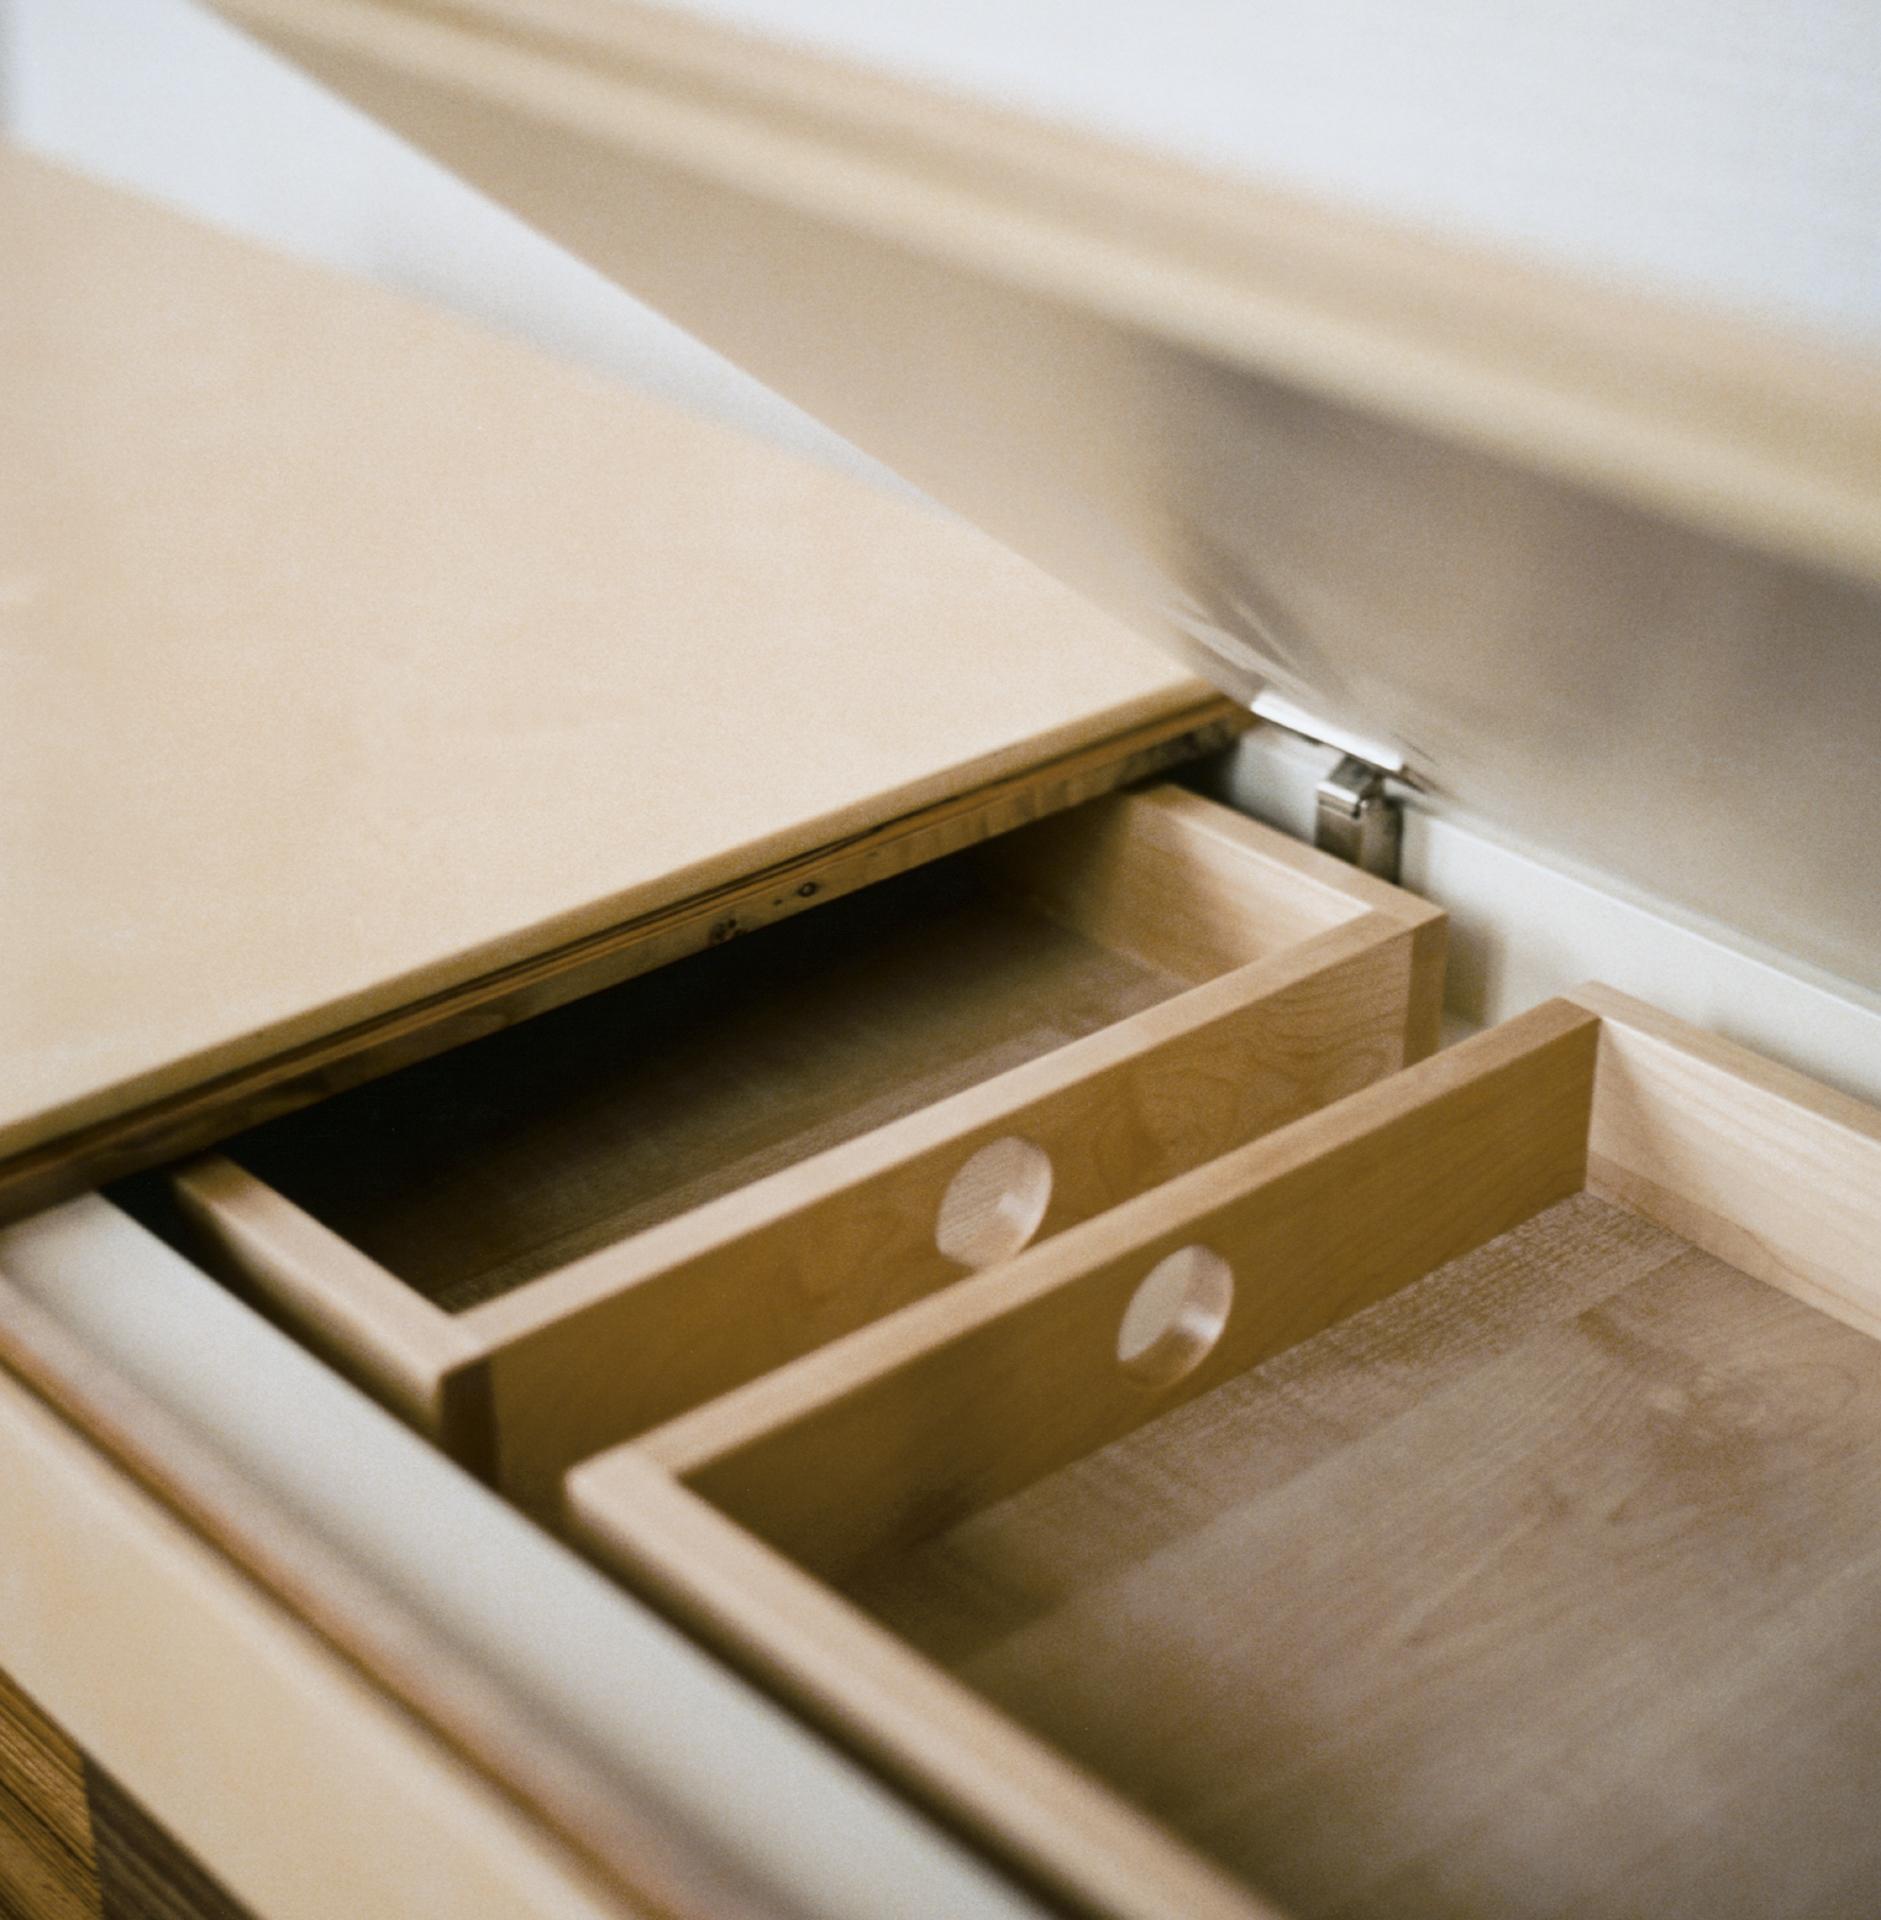 tischlerei-decker-impressionen-schubladen-detail